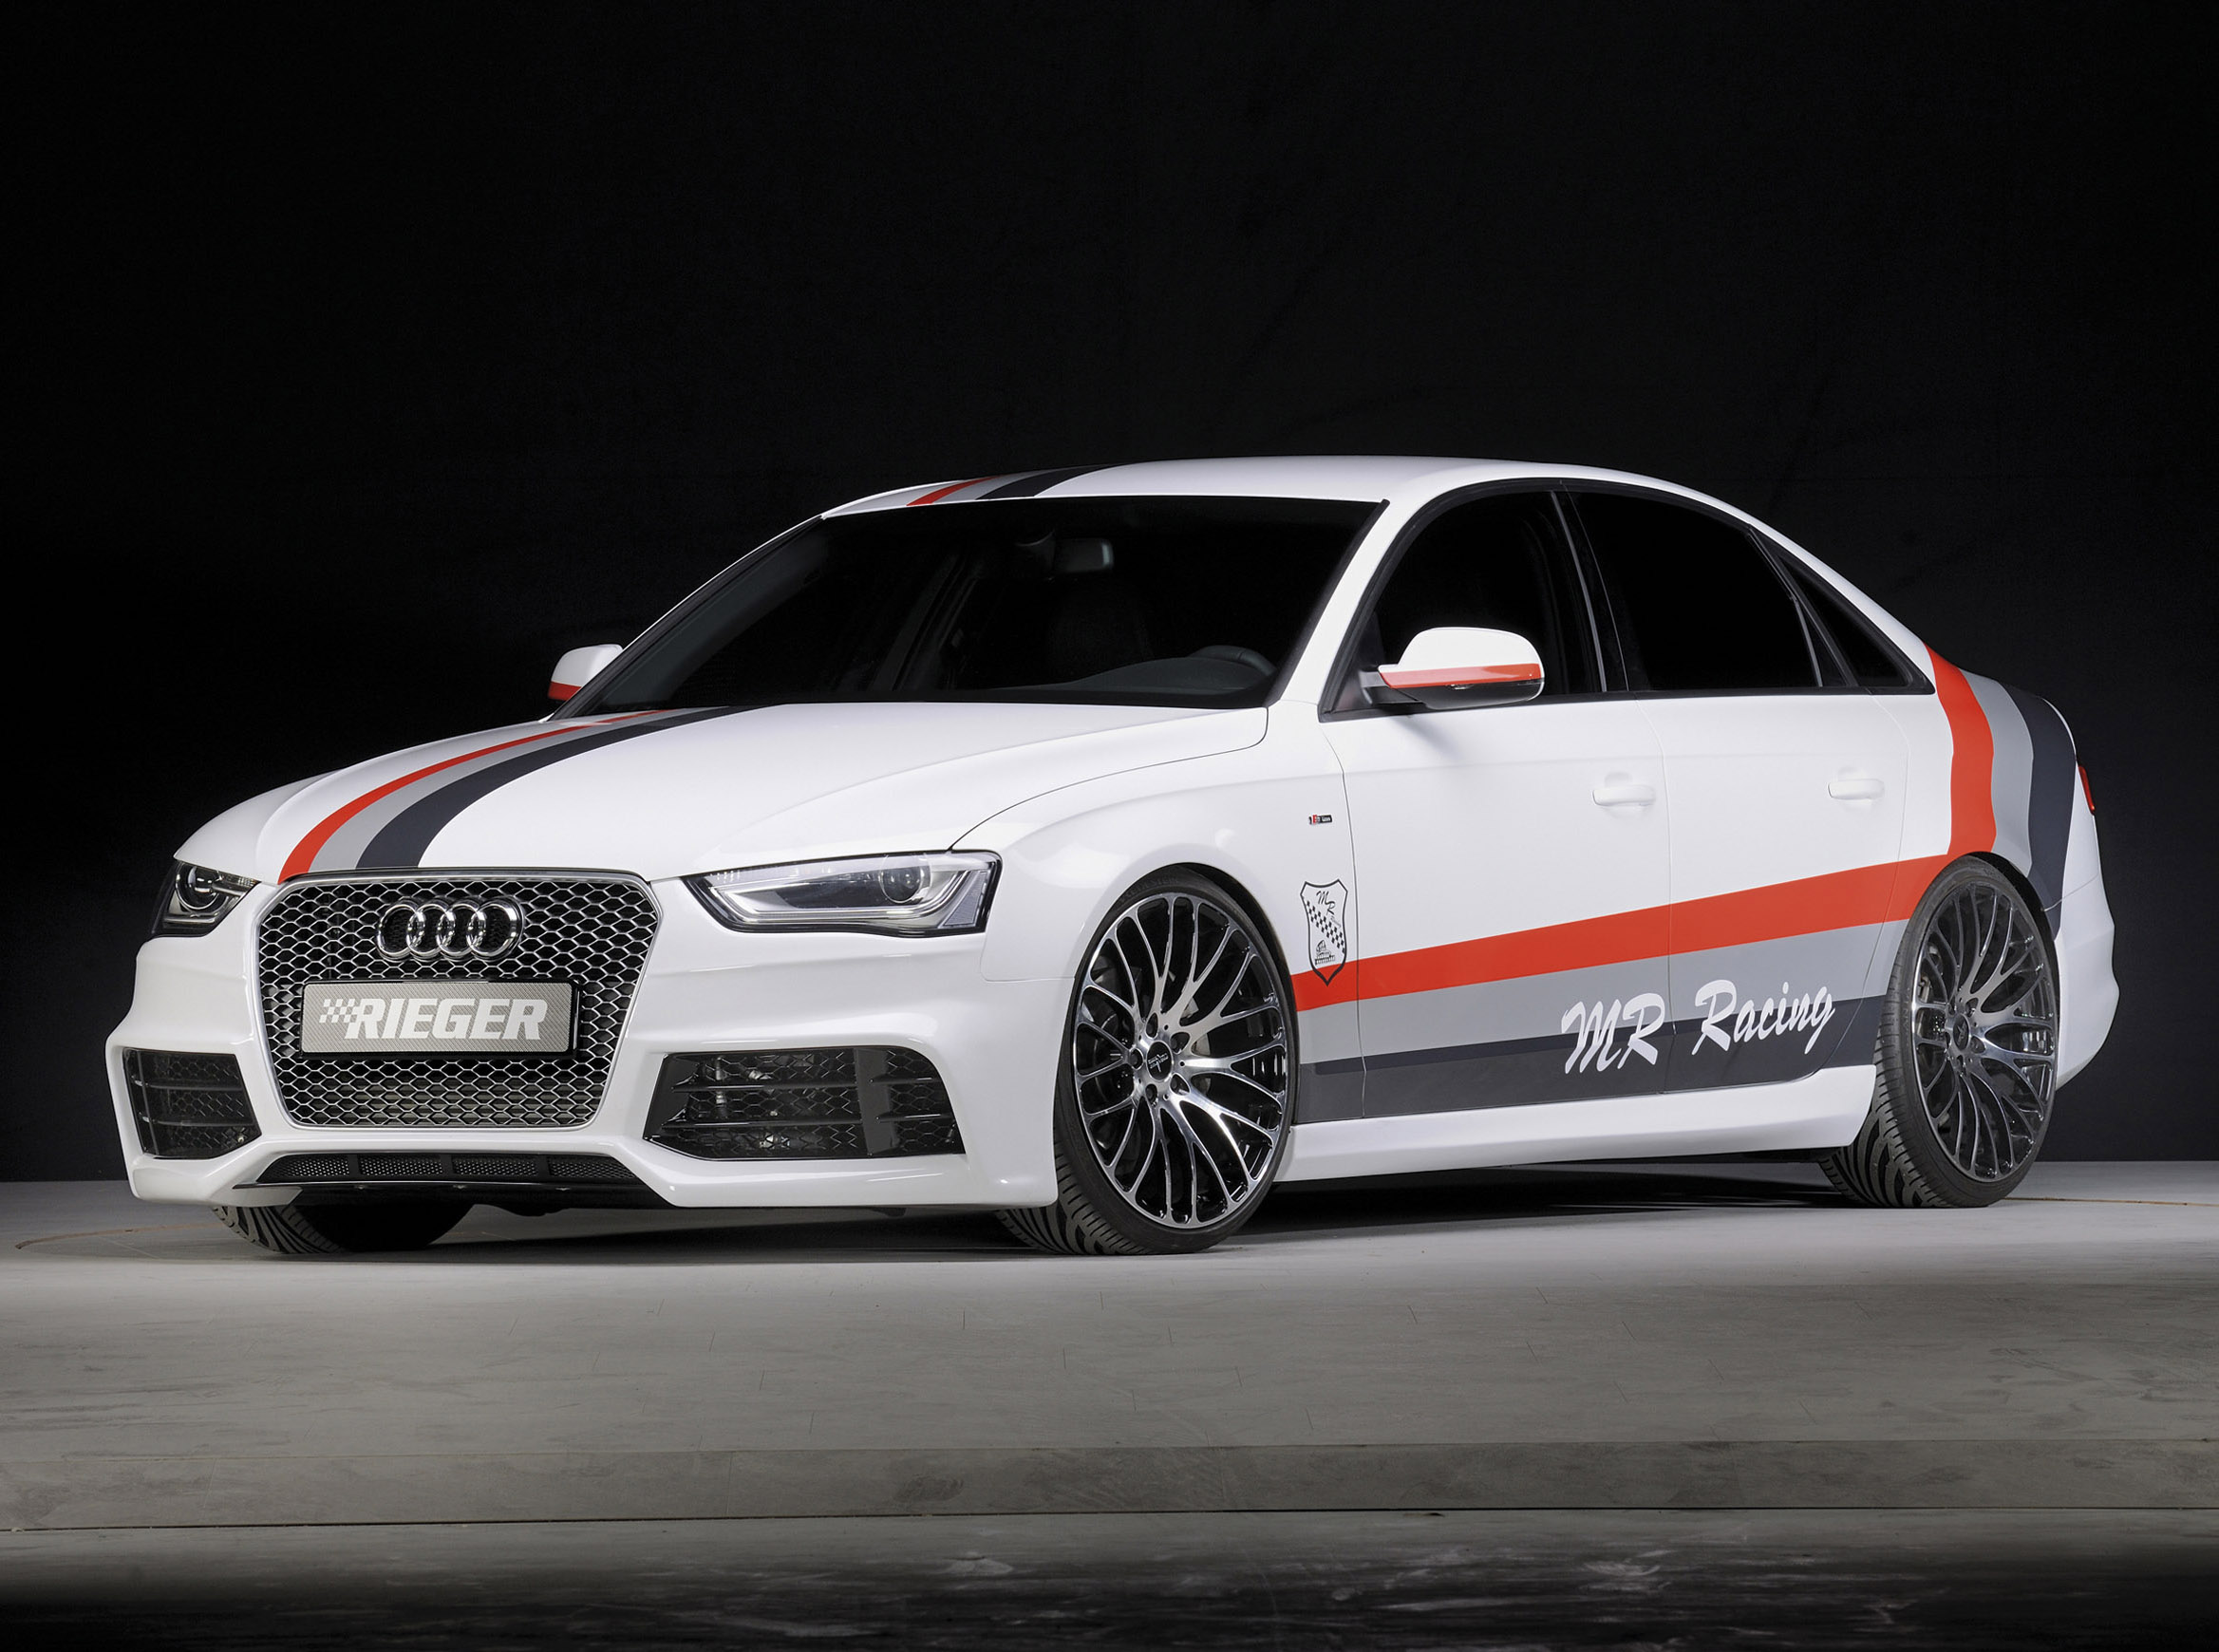 Audi A4 B8 2013 от тюнинг-ателье Rieger